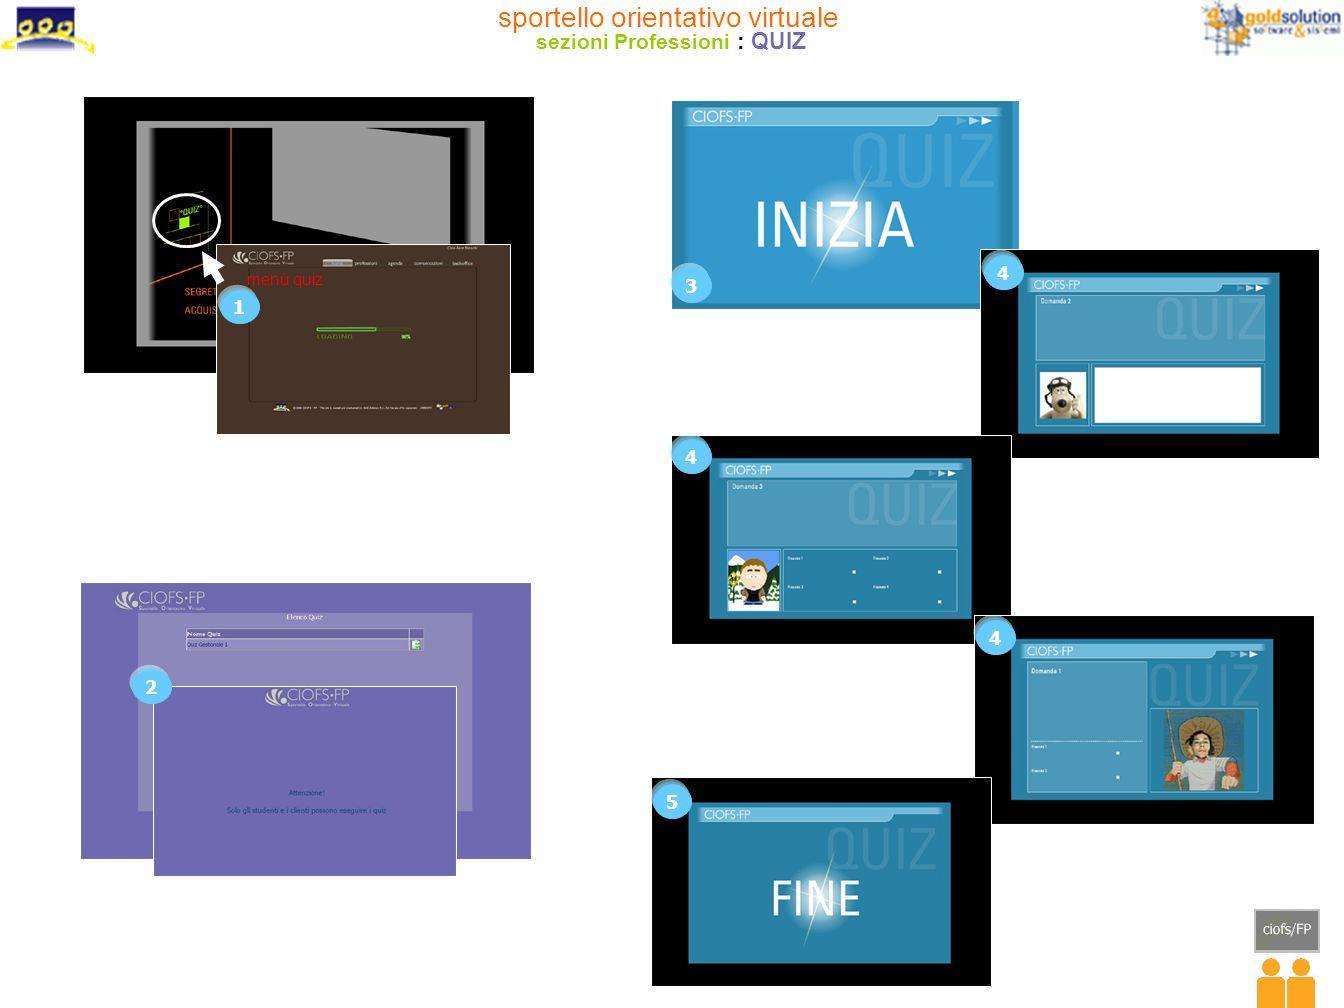 sportello orientativo virtuale sezioni Professioni : QUIZ 1 3 2 4 4 4 5 menù quiz